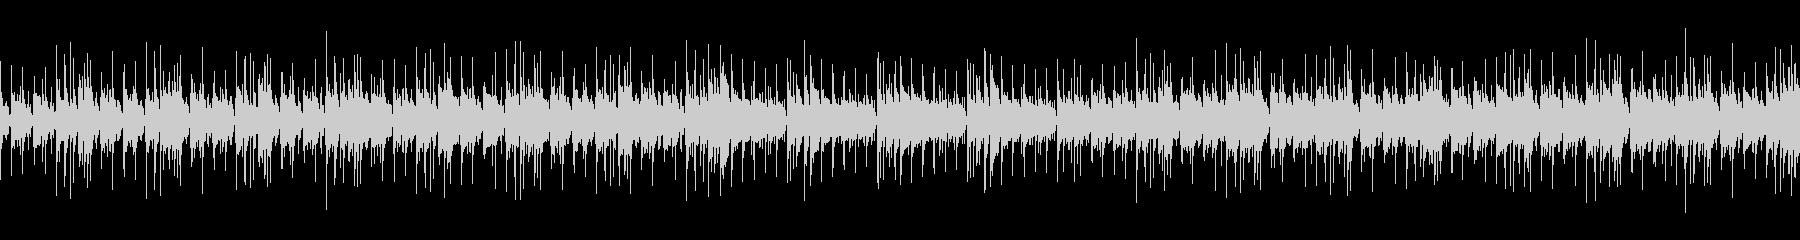 日常シーンで汎用性の高いアコギBGMの未再生の波形